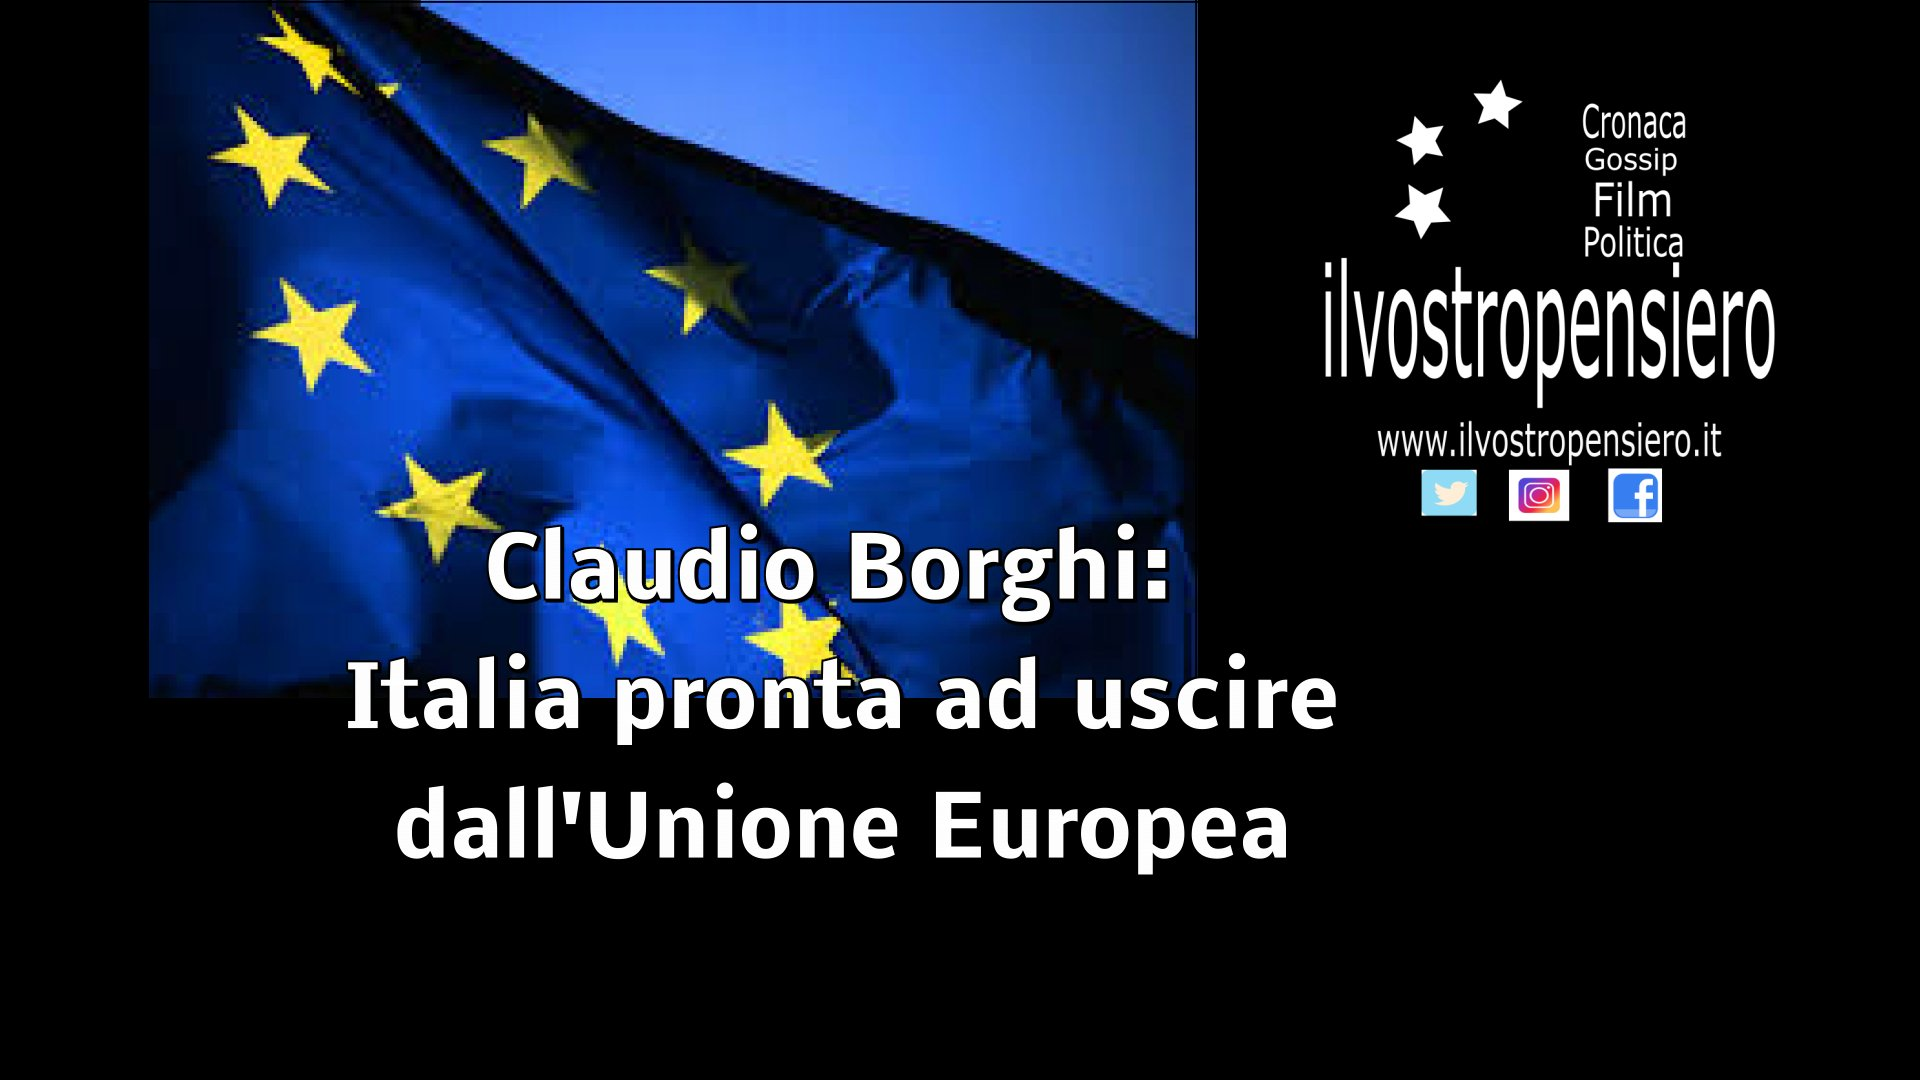 """Claudio Borghi: """"Se non riusciamo a cambiare l'Ue, dovremo uscirne"""""""